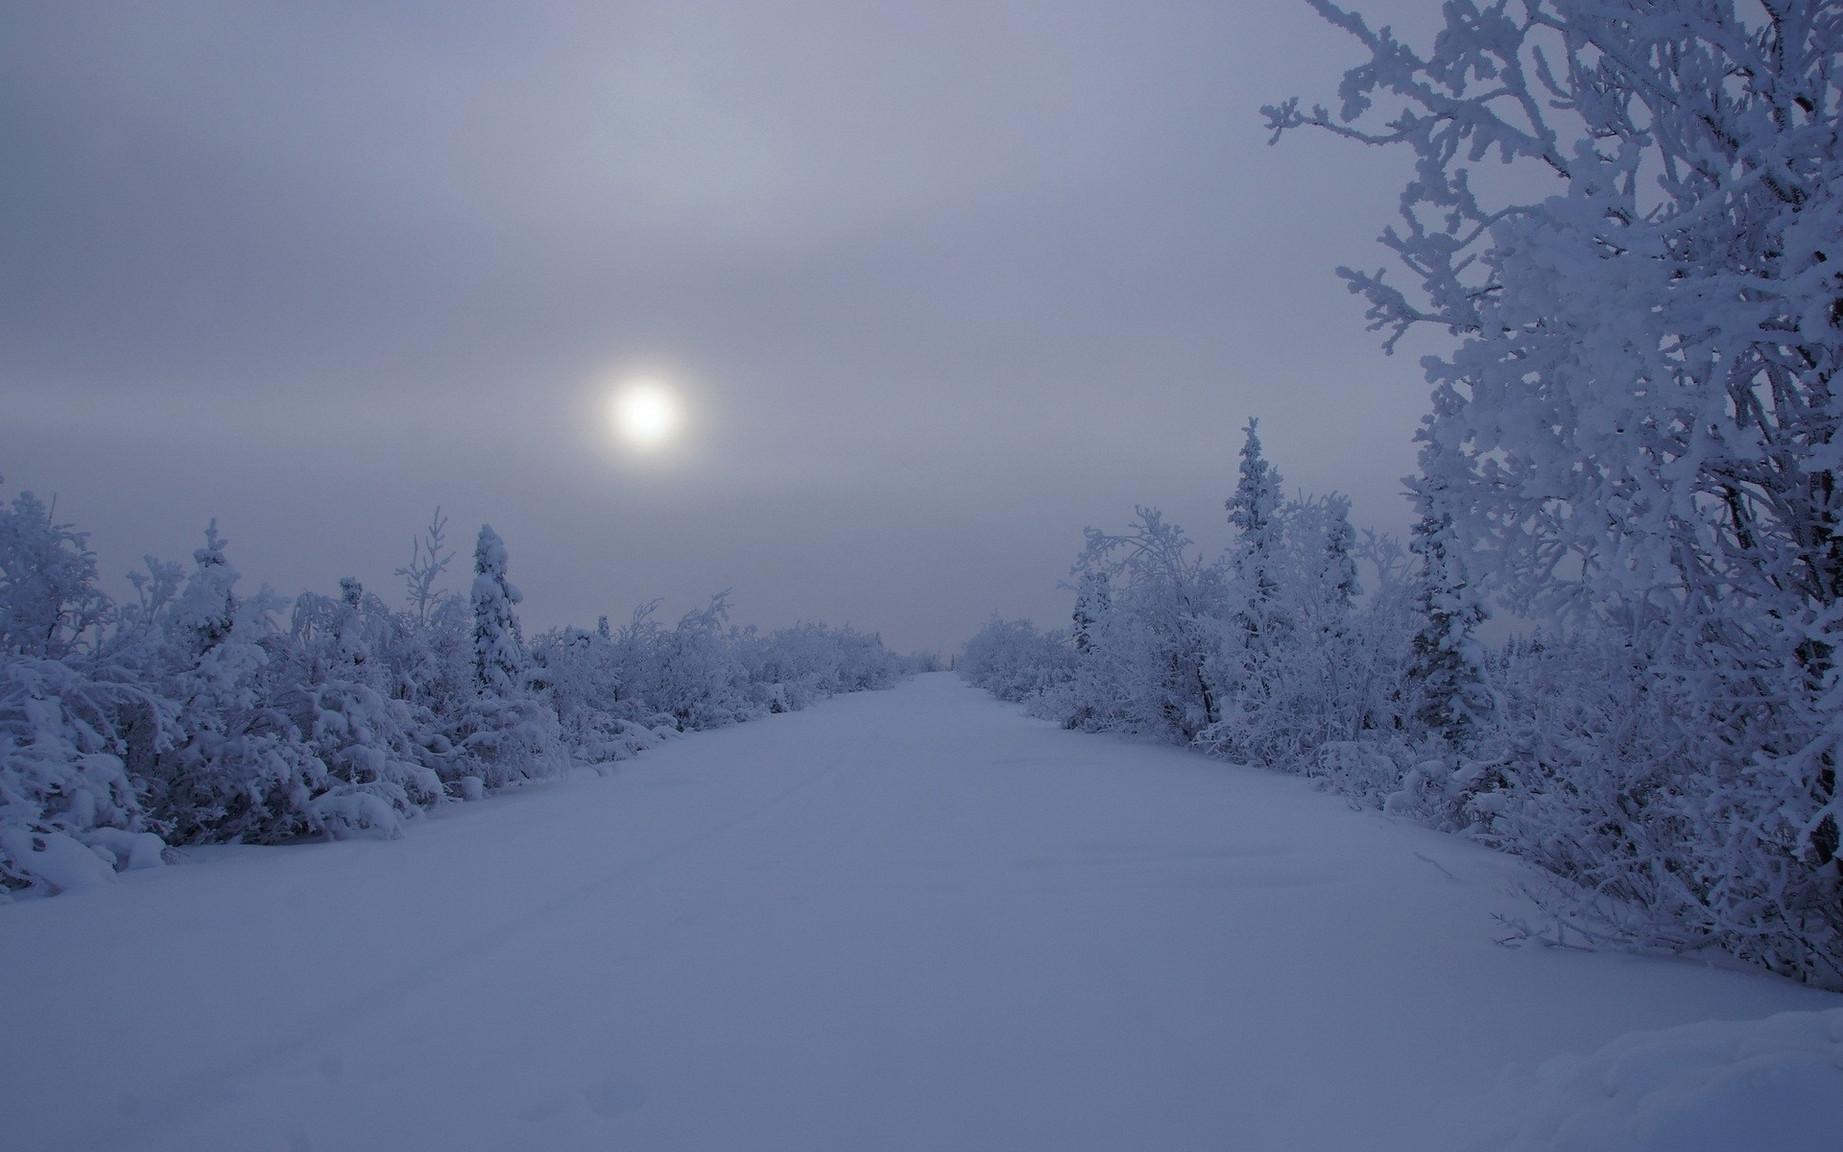 ws_Winter_Road_&_Trees_Night_1920x1200.j